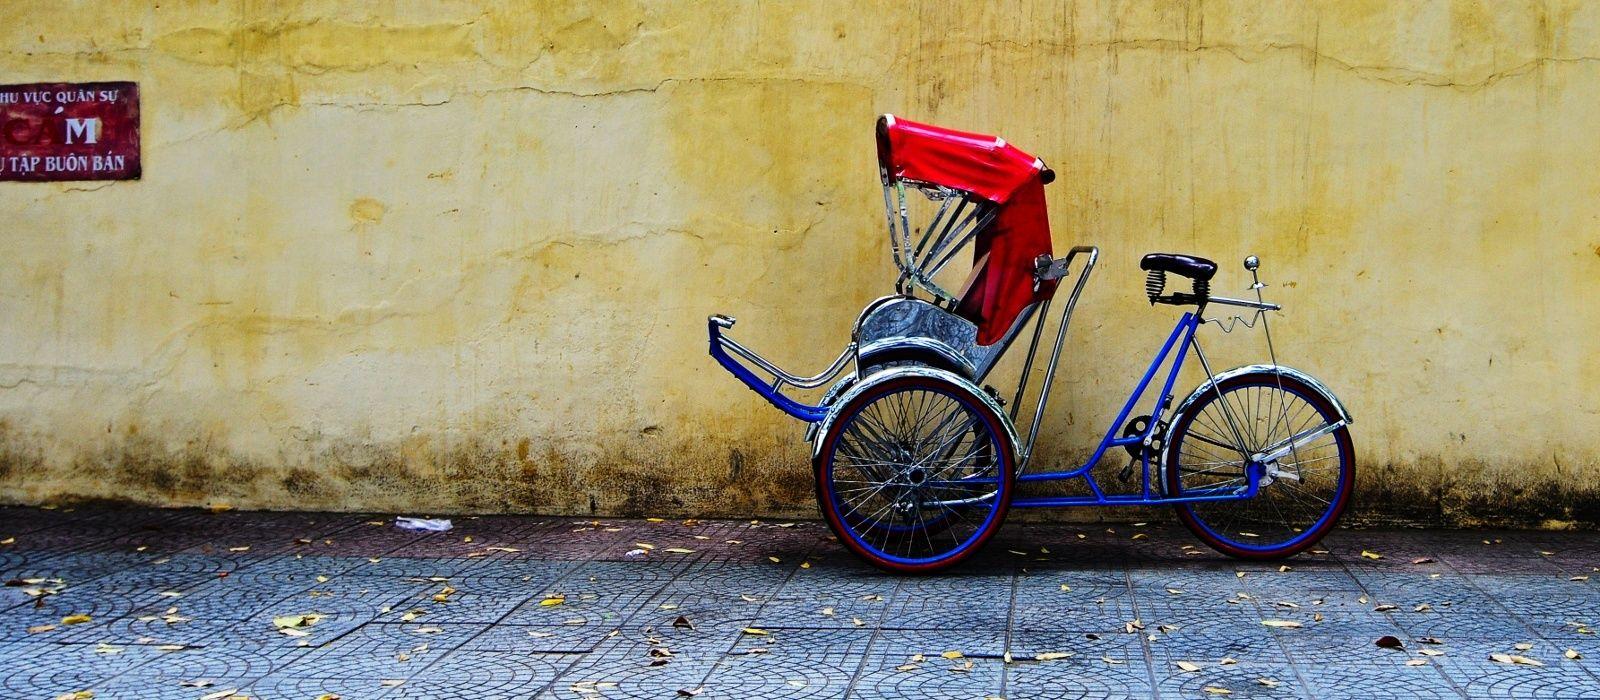 Destination Ho Chi Minh City/Saigon Vietnam